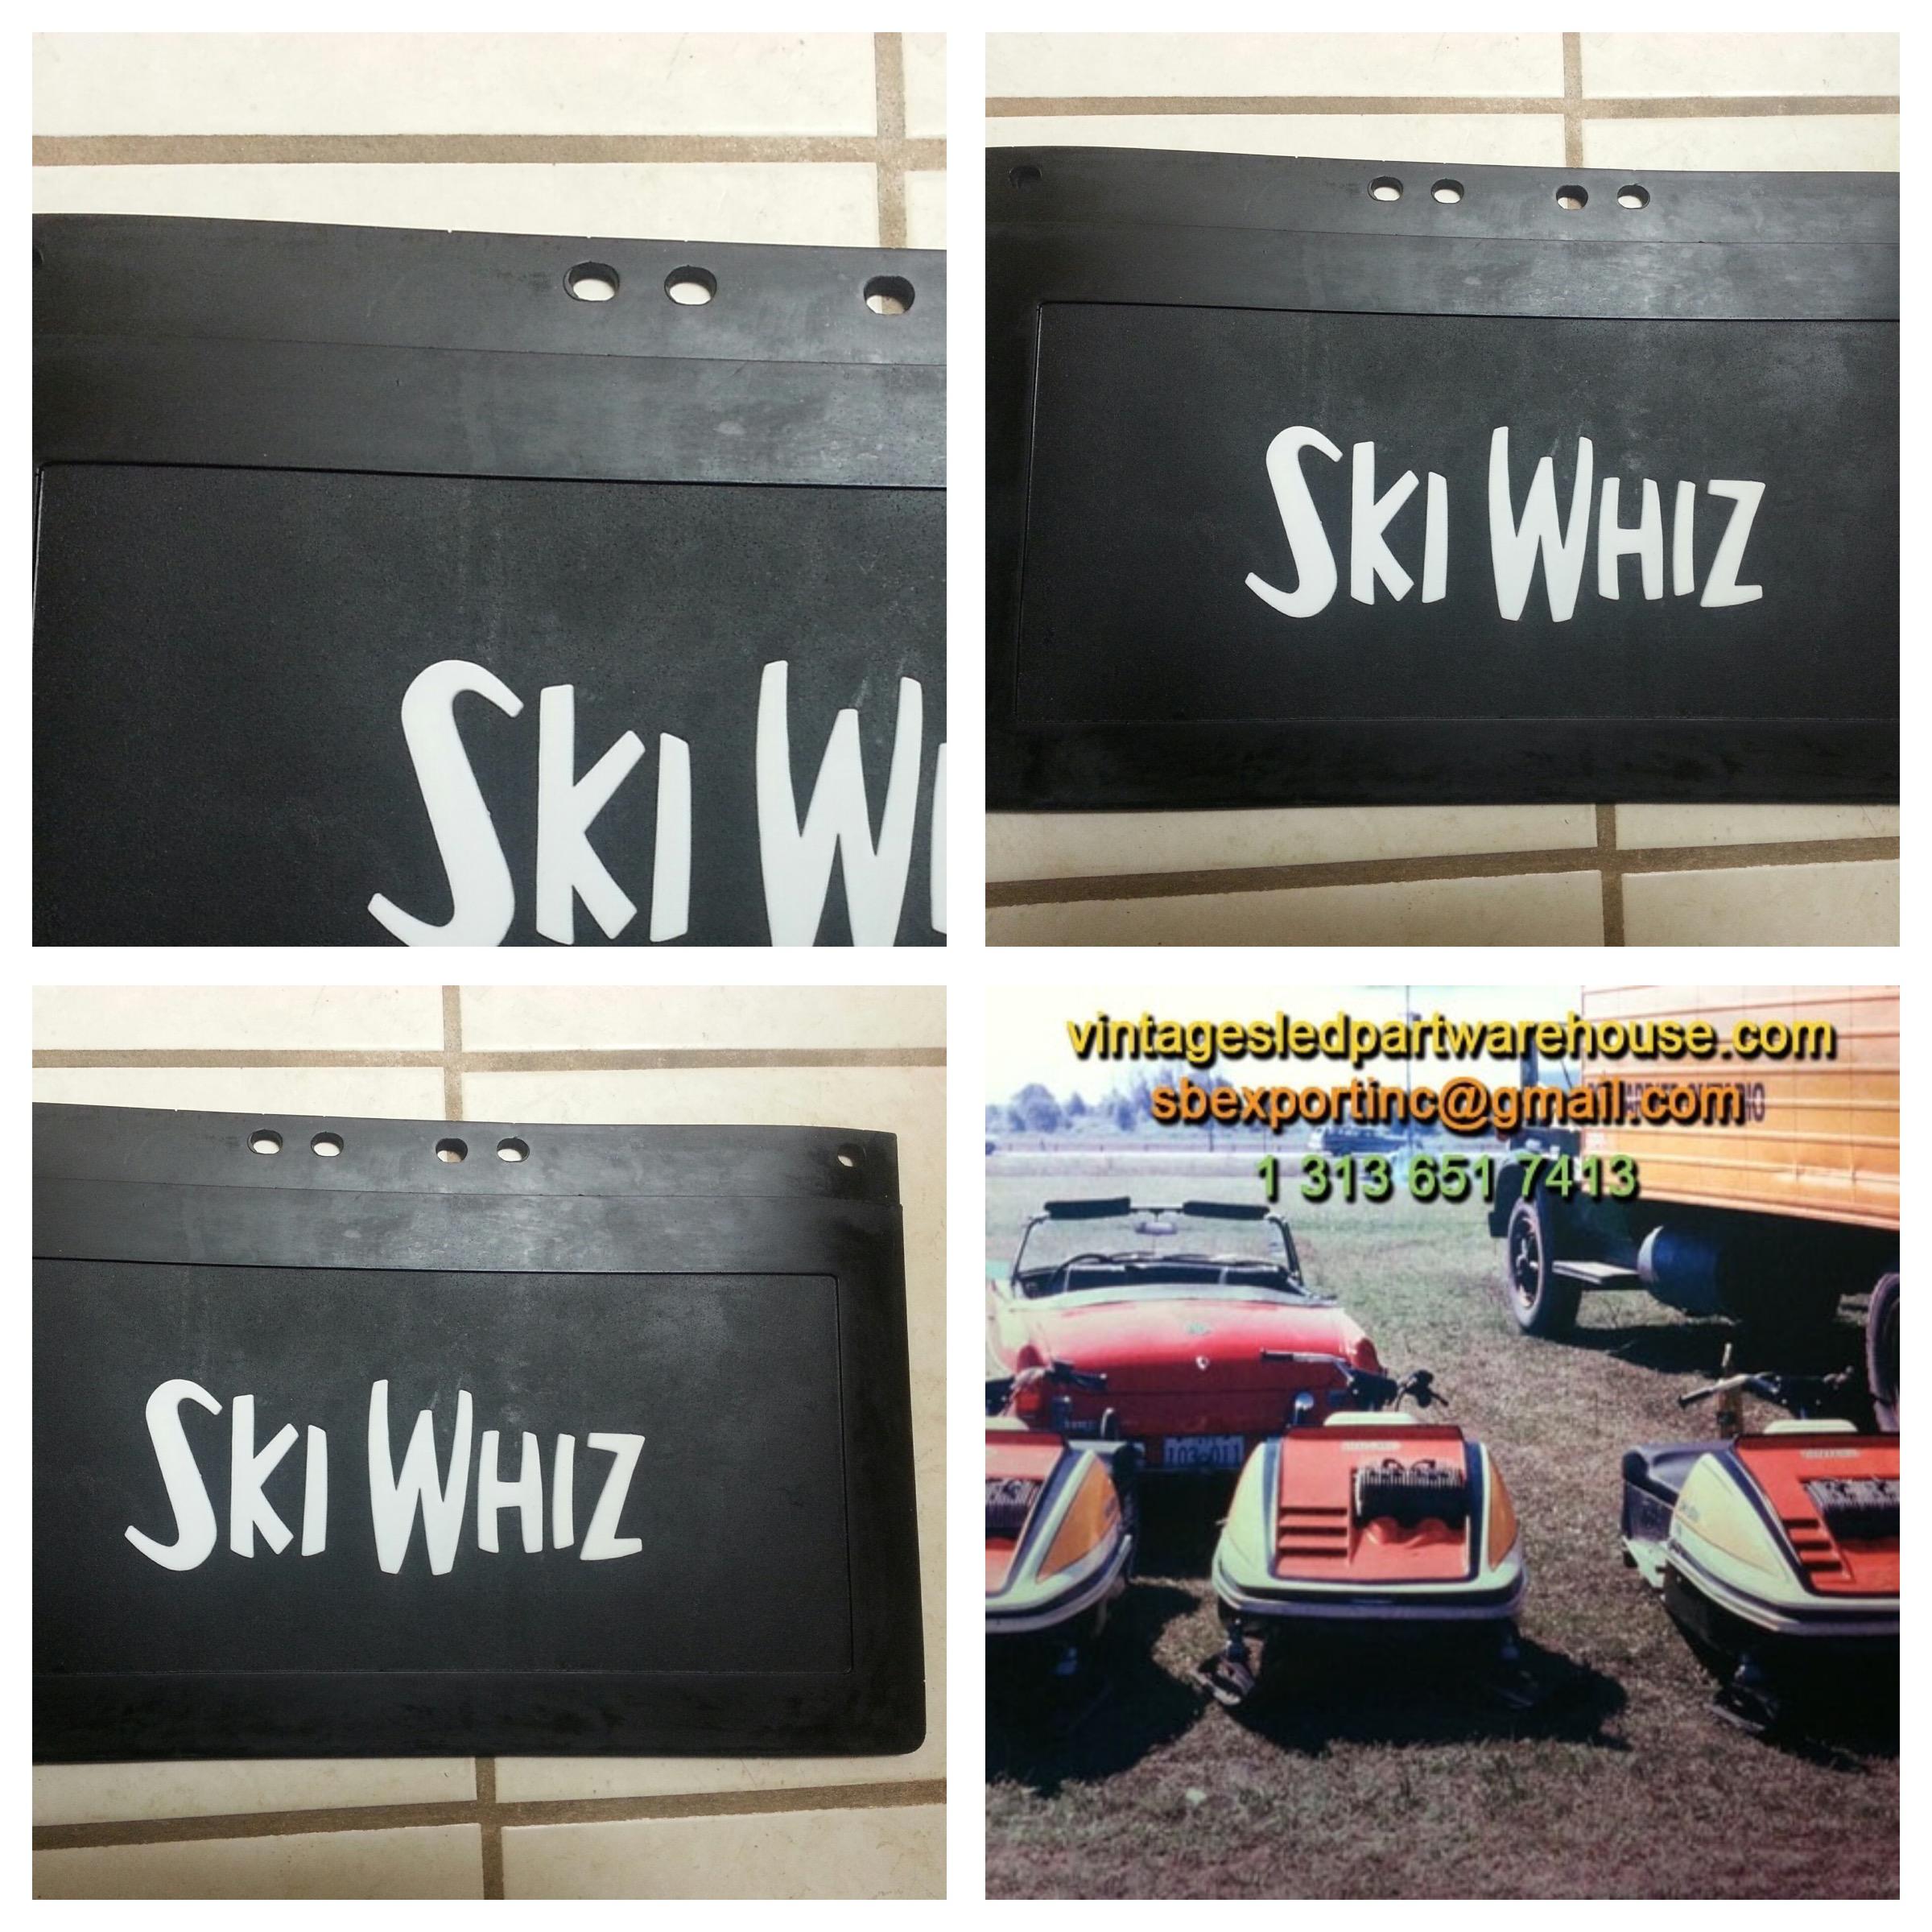 Ski whiz snowmobiles for sale - Vintage Massey Ferguson Ski Whiz Sno Flap Cuyuna Engine Snowmobile Storm Gilson Formula Des Moines Iowa